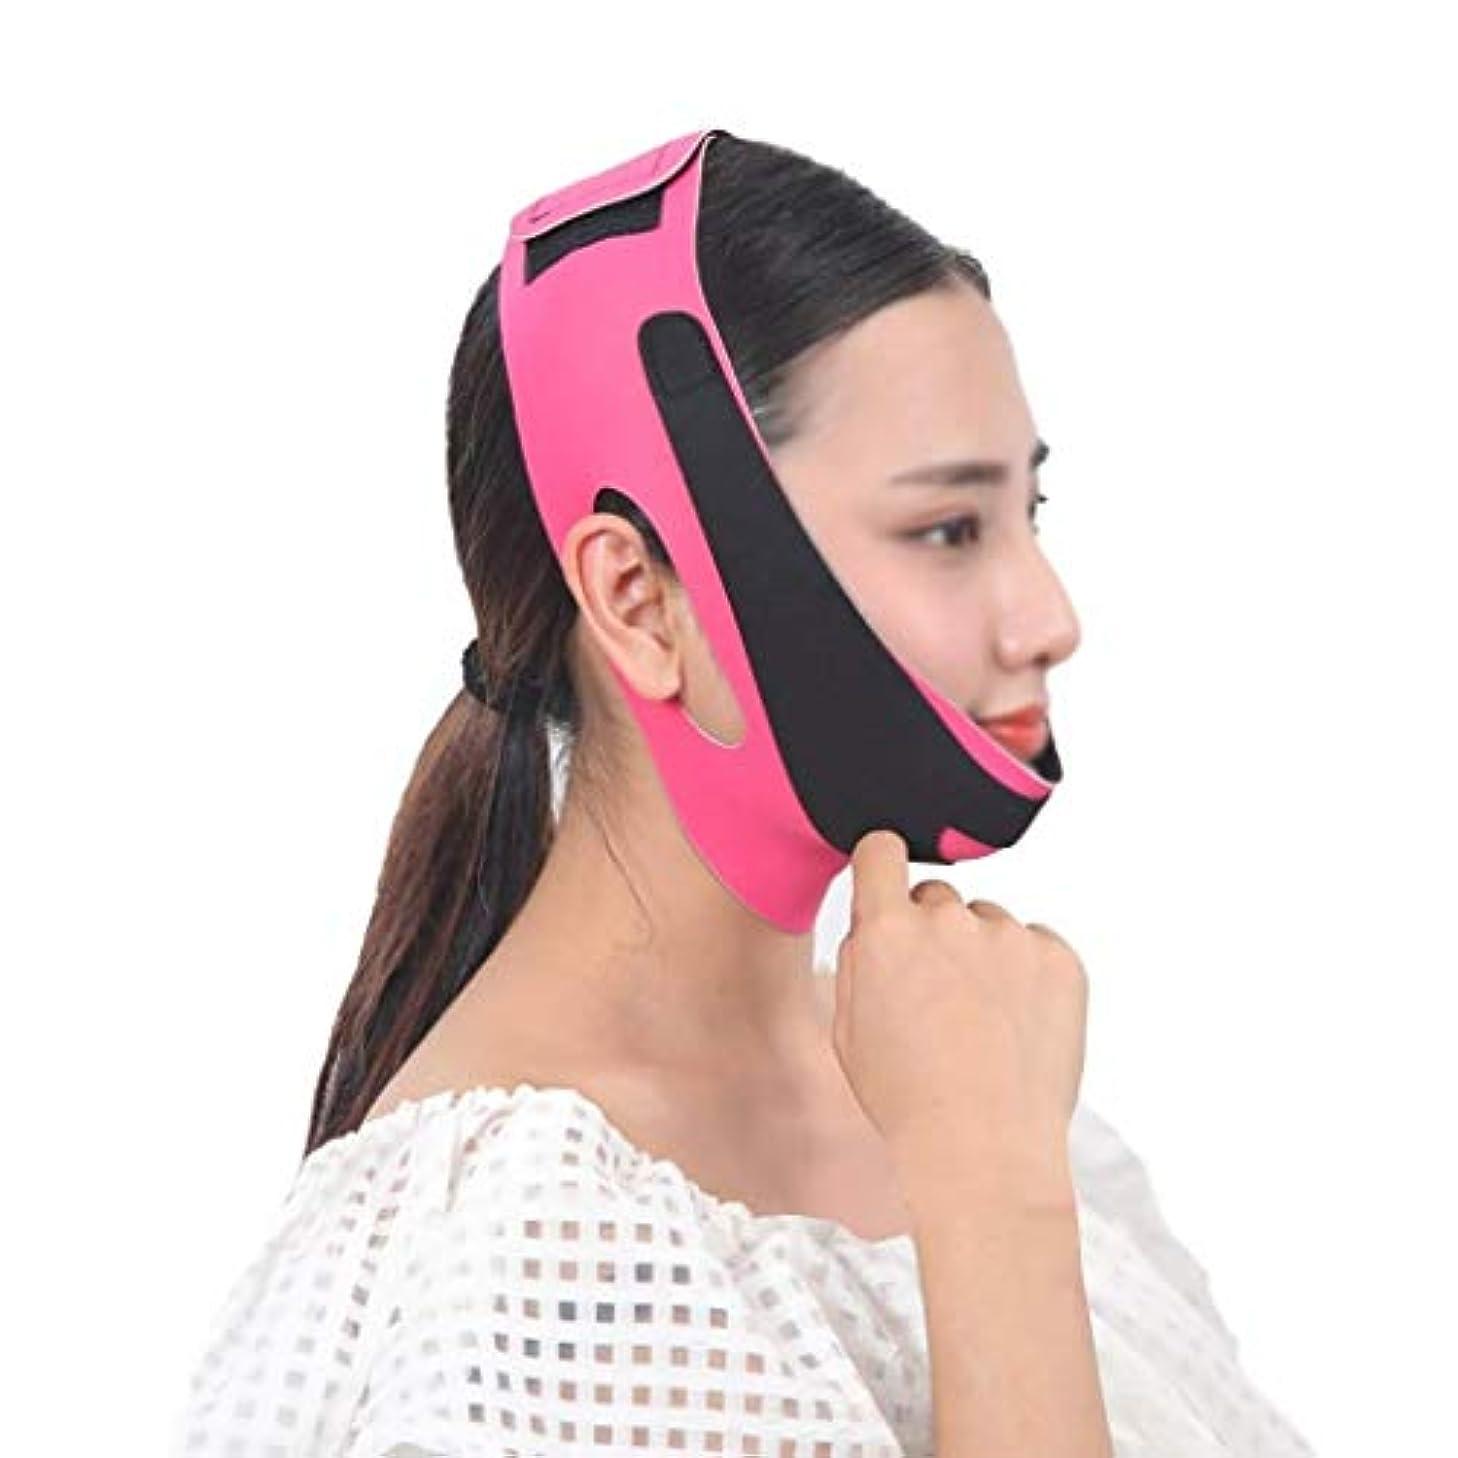 メロディアスストレッチ愛するフェイスアンドネックリフト術後弾性フェイスマスク小さなV顔アーティファクト薄い顔包帯アーティファクトV顔ぶら下げ耳リフティング引き締め薄い顔アーティファクト